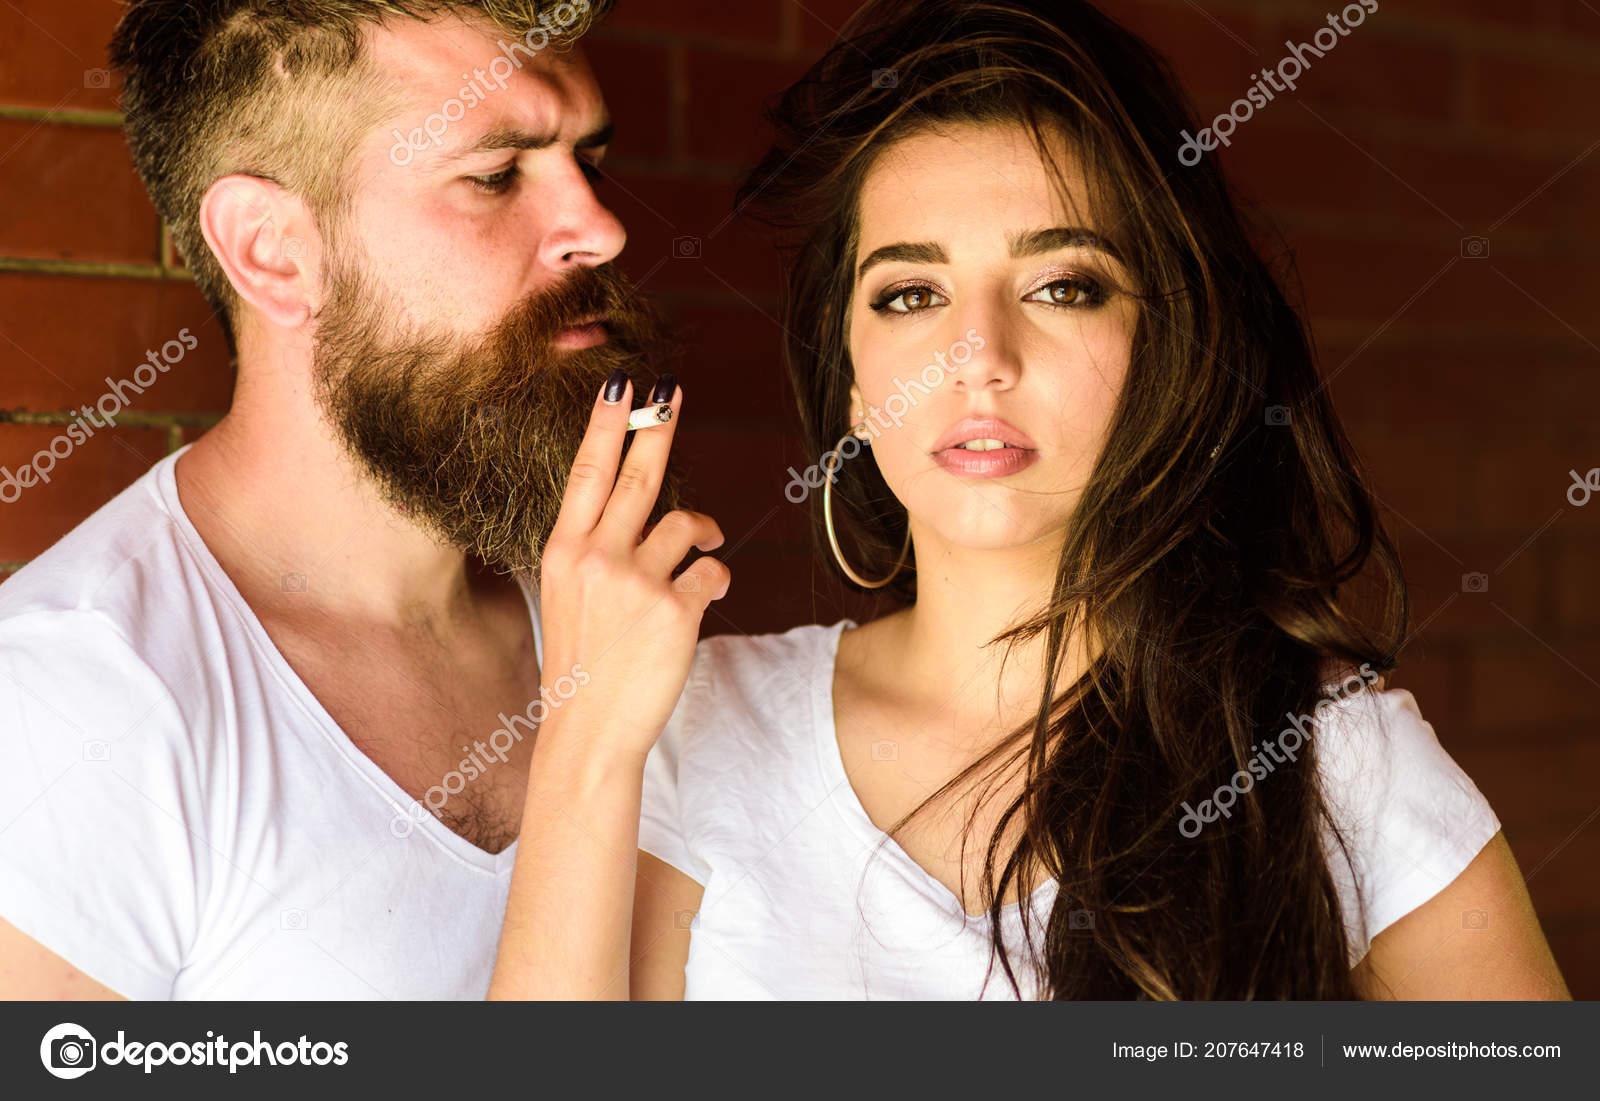 Dating-Standorte in vereinten Staaten kostenlos